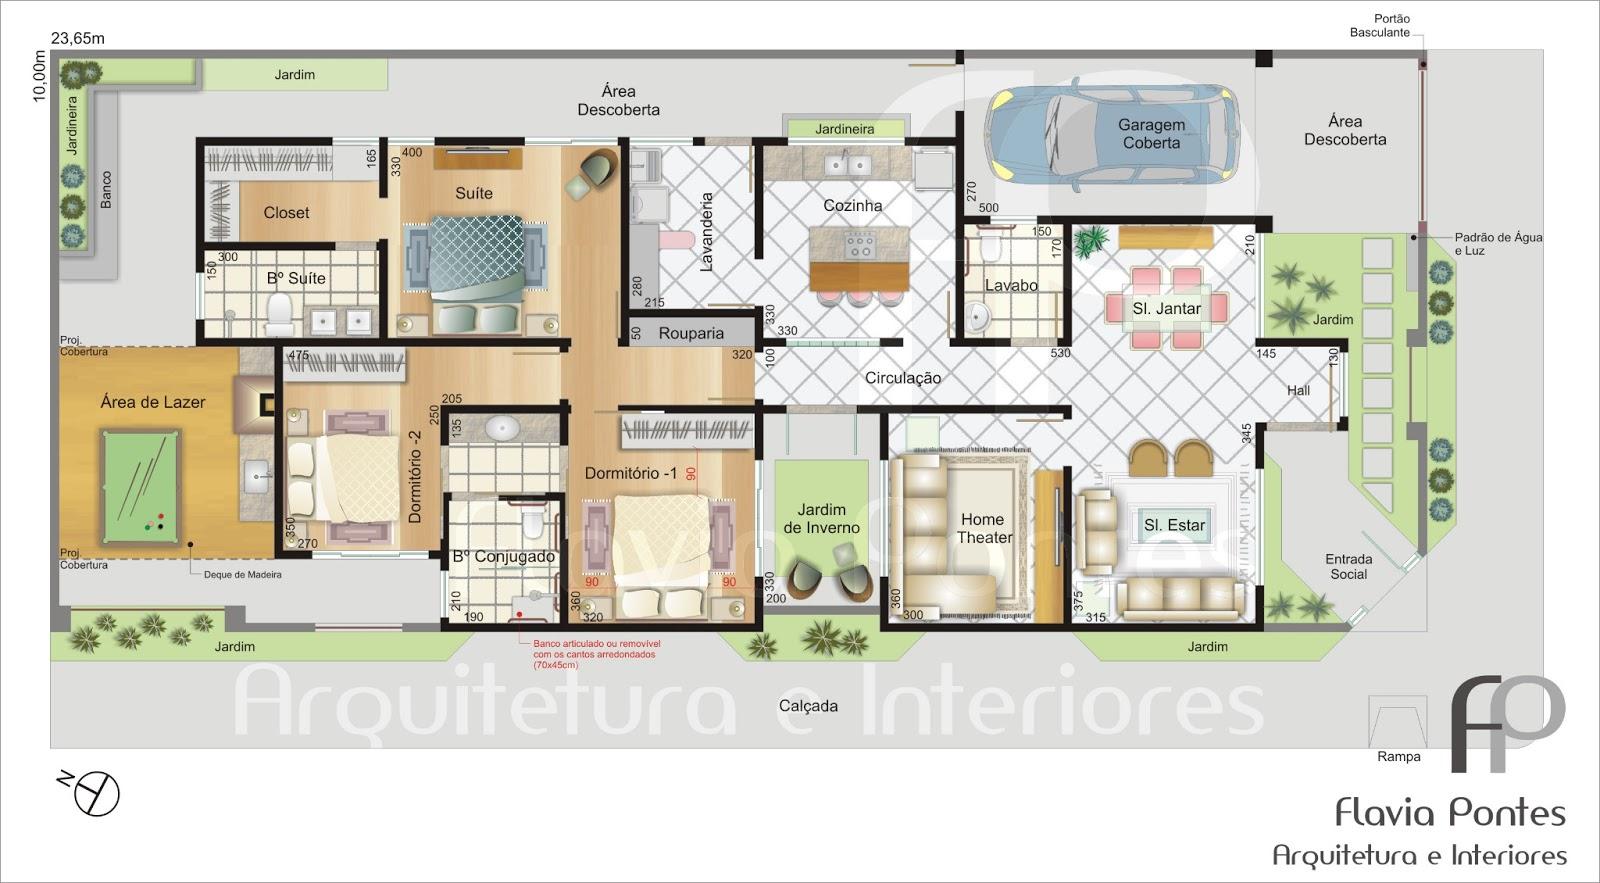 Flavia Pontes Arquitetura: Janeiro 2013 #966D35 1600x883 Banheiro Adaptado Medidas